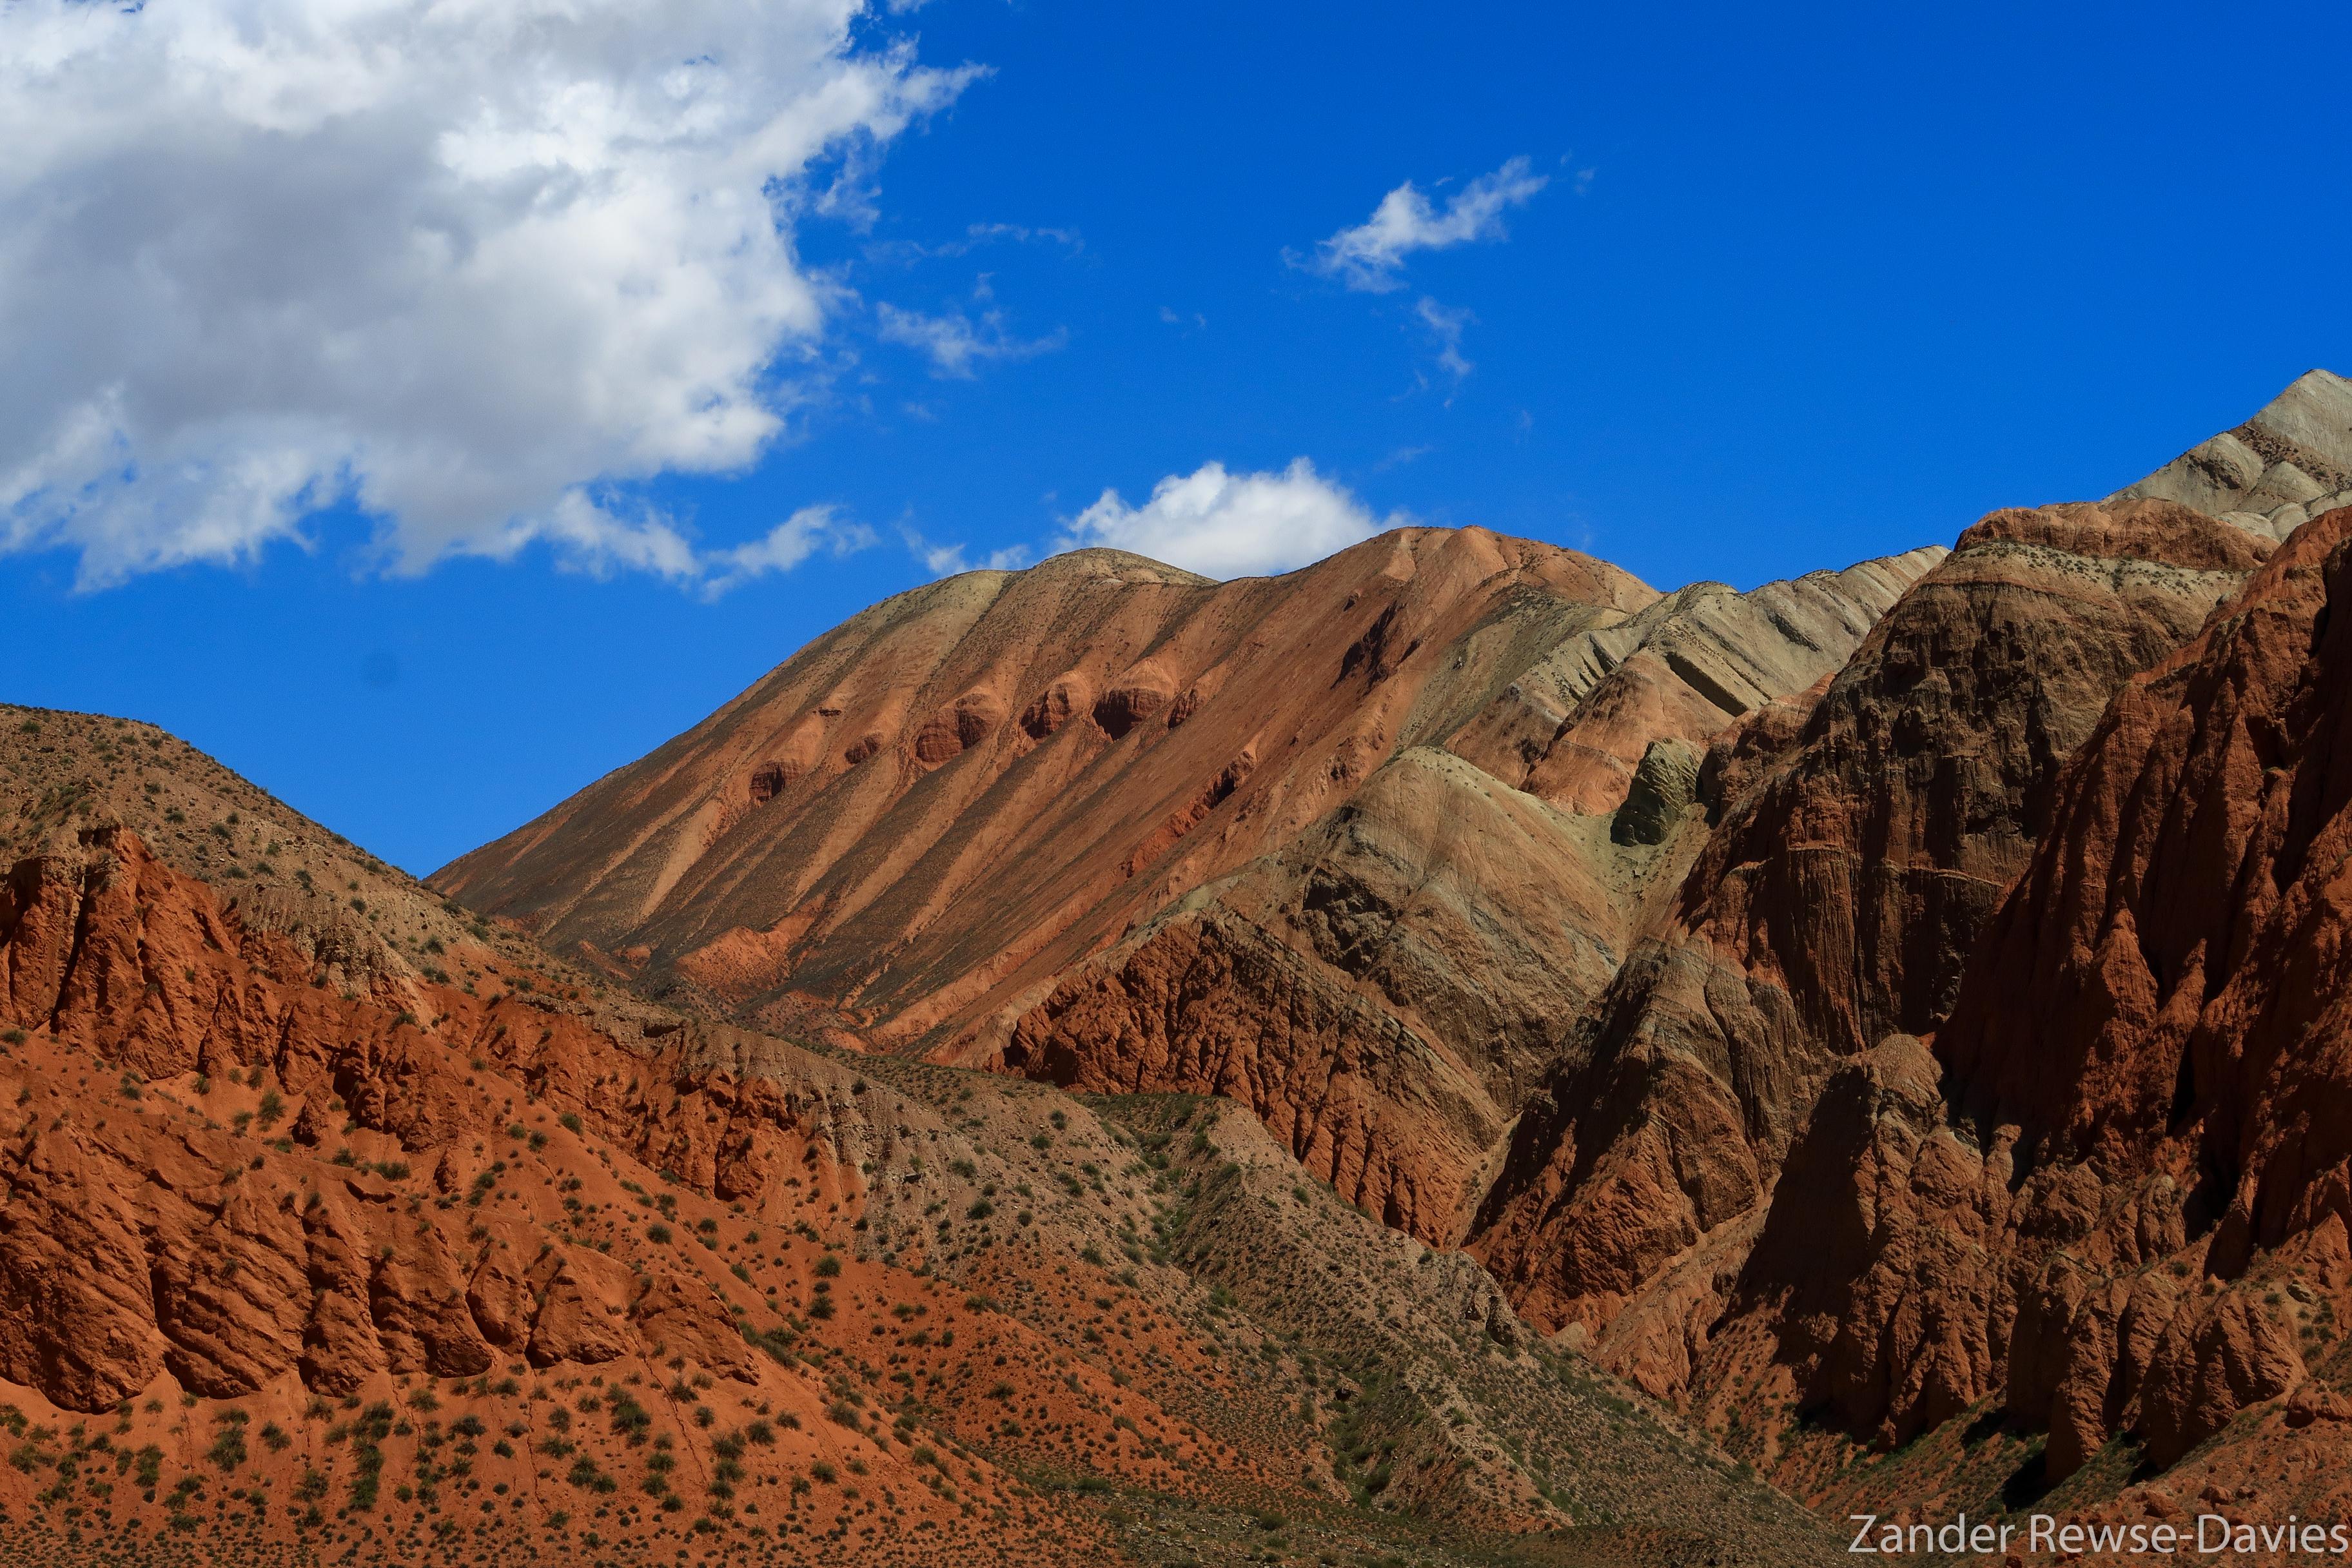 Kyrgyzstan sandstone formations